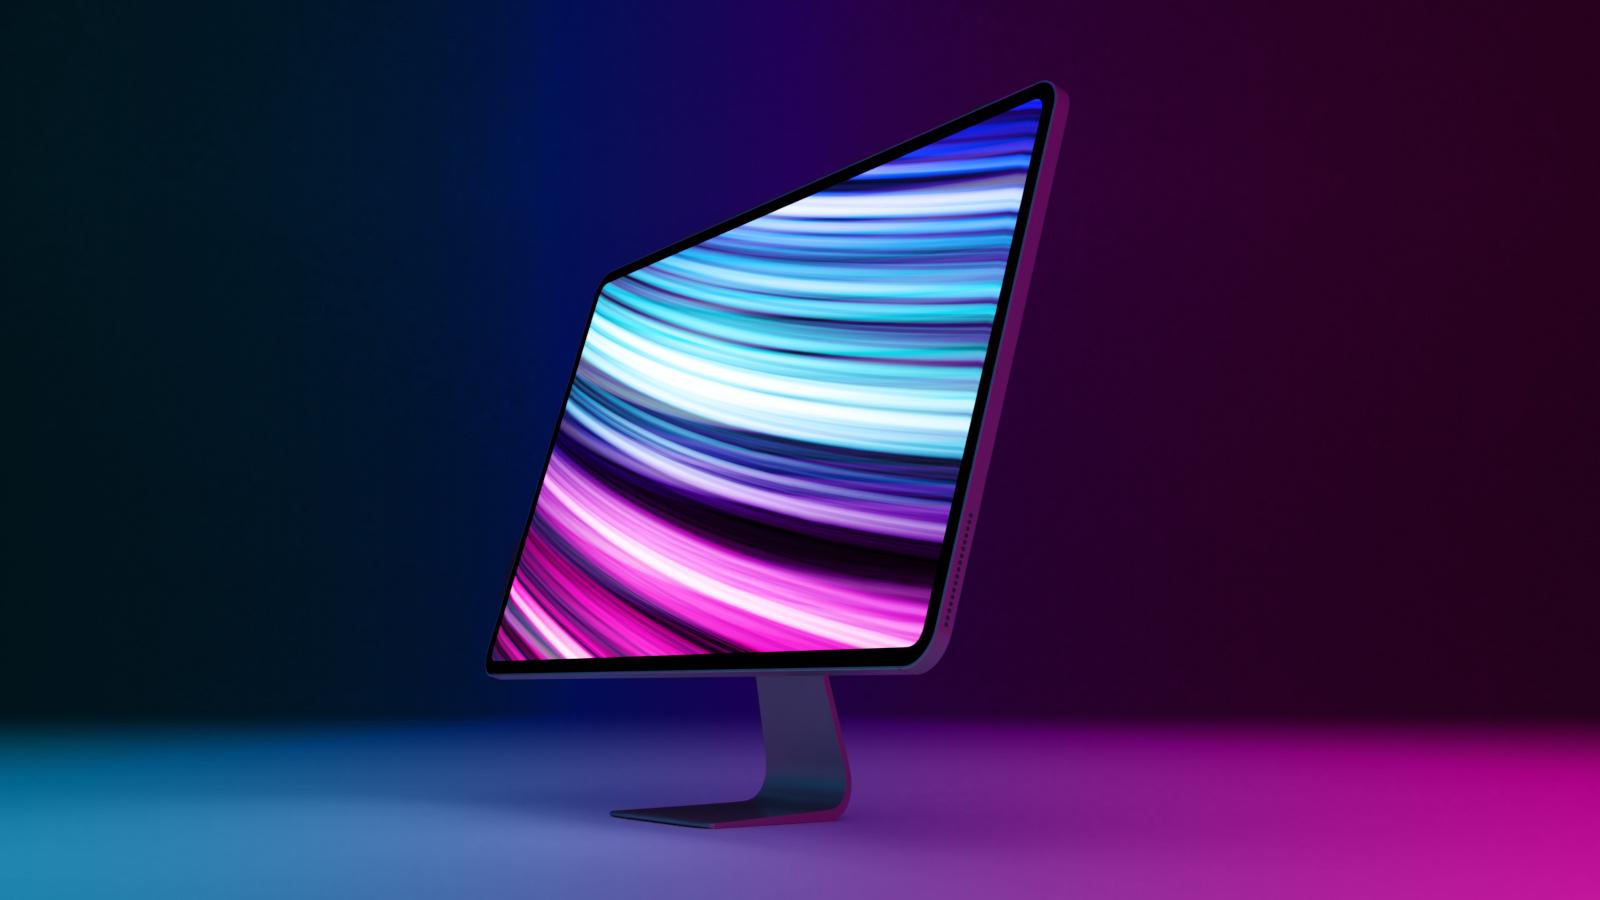 27-дюймовый iMac продолжает видеть расширенные оценки доставки в ожидании слухов об обновлении WWDC